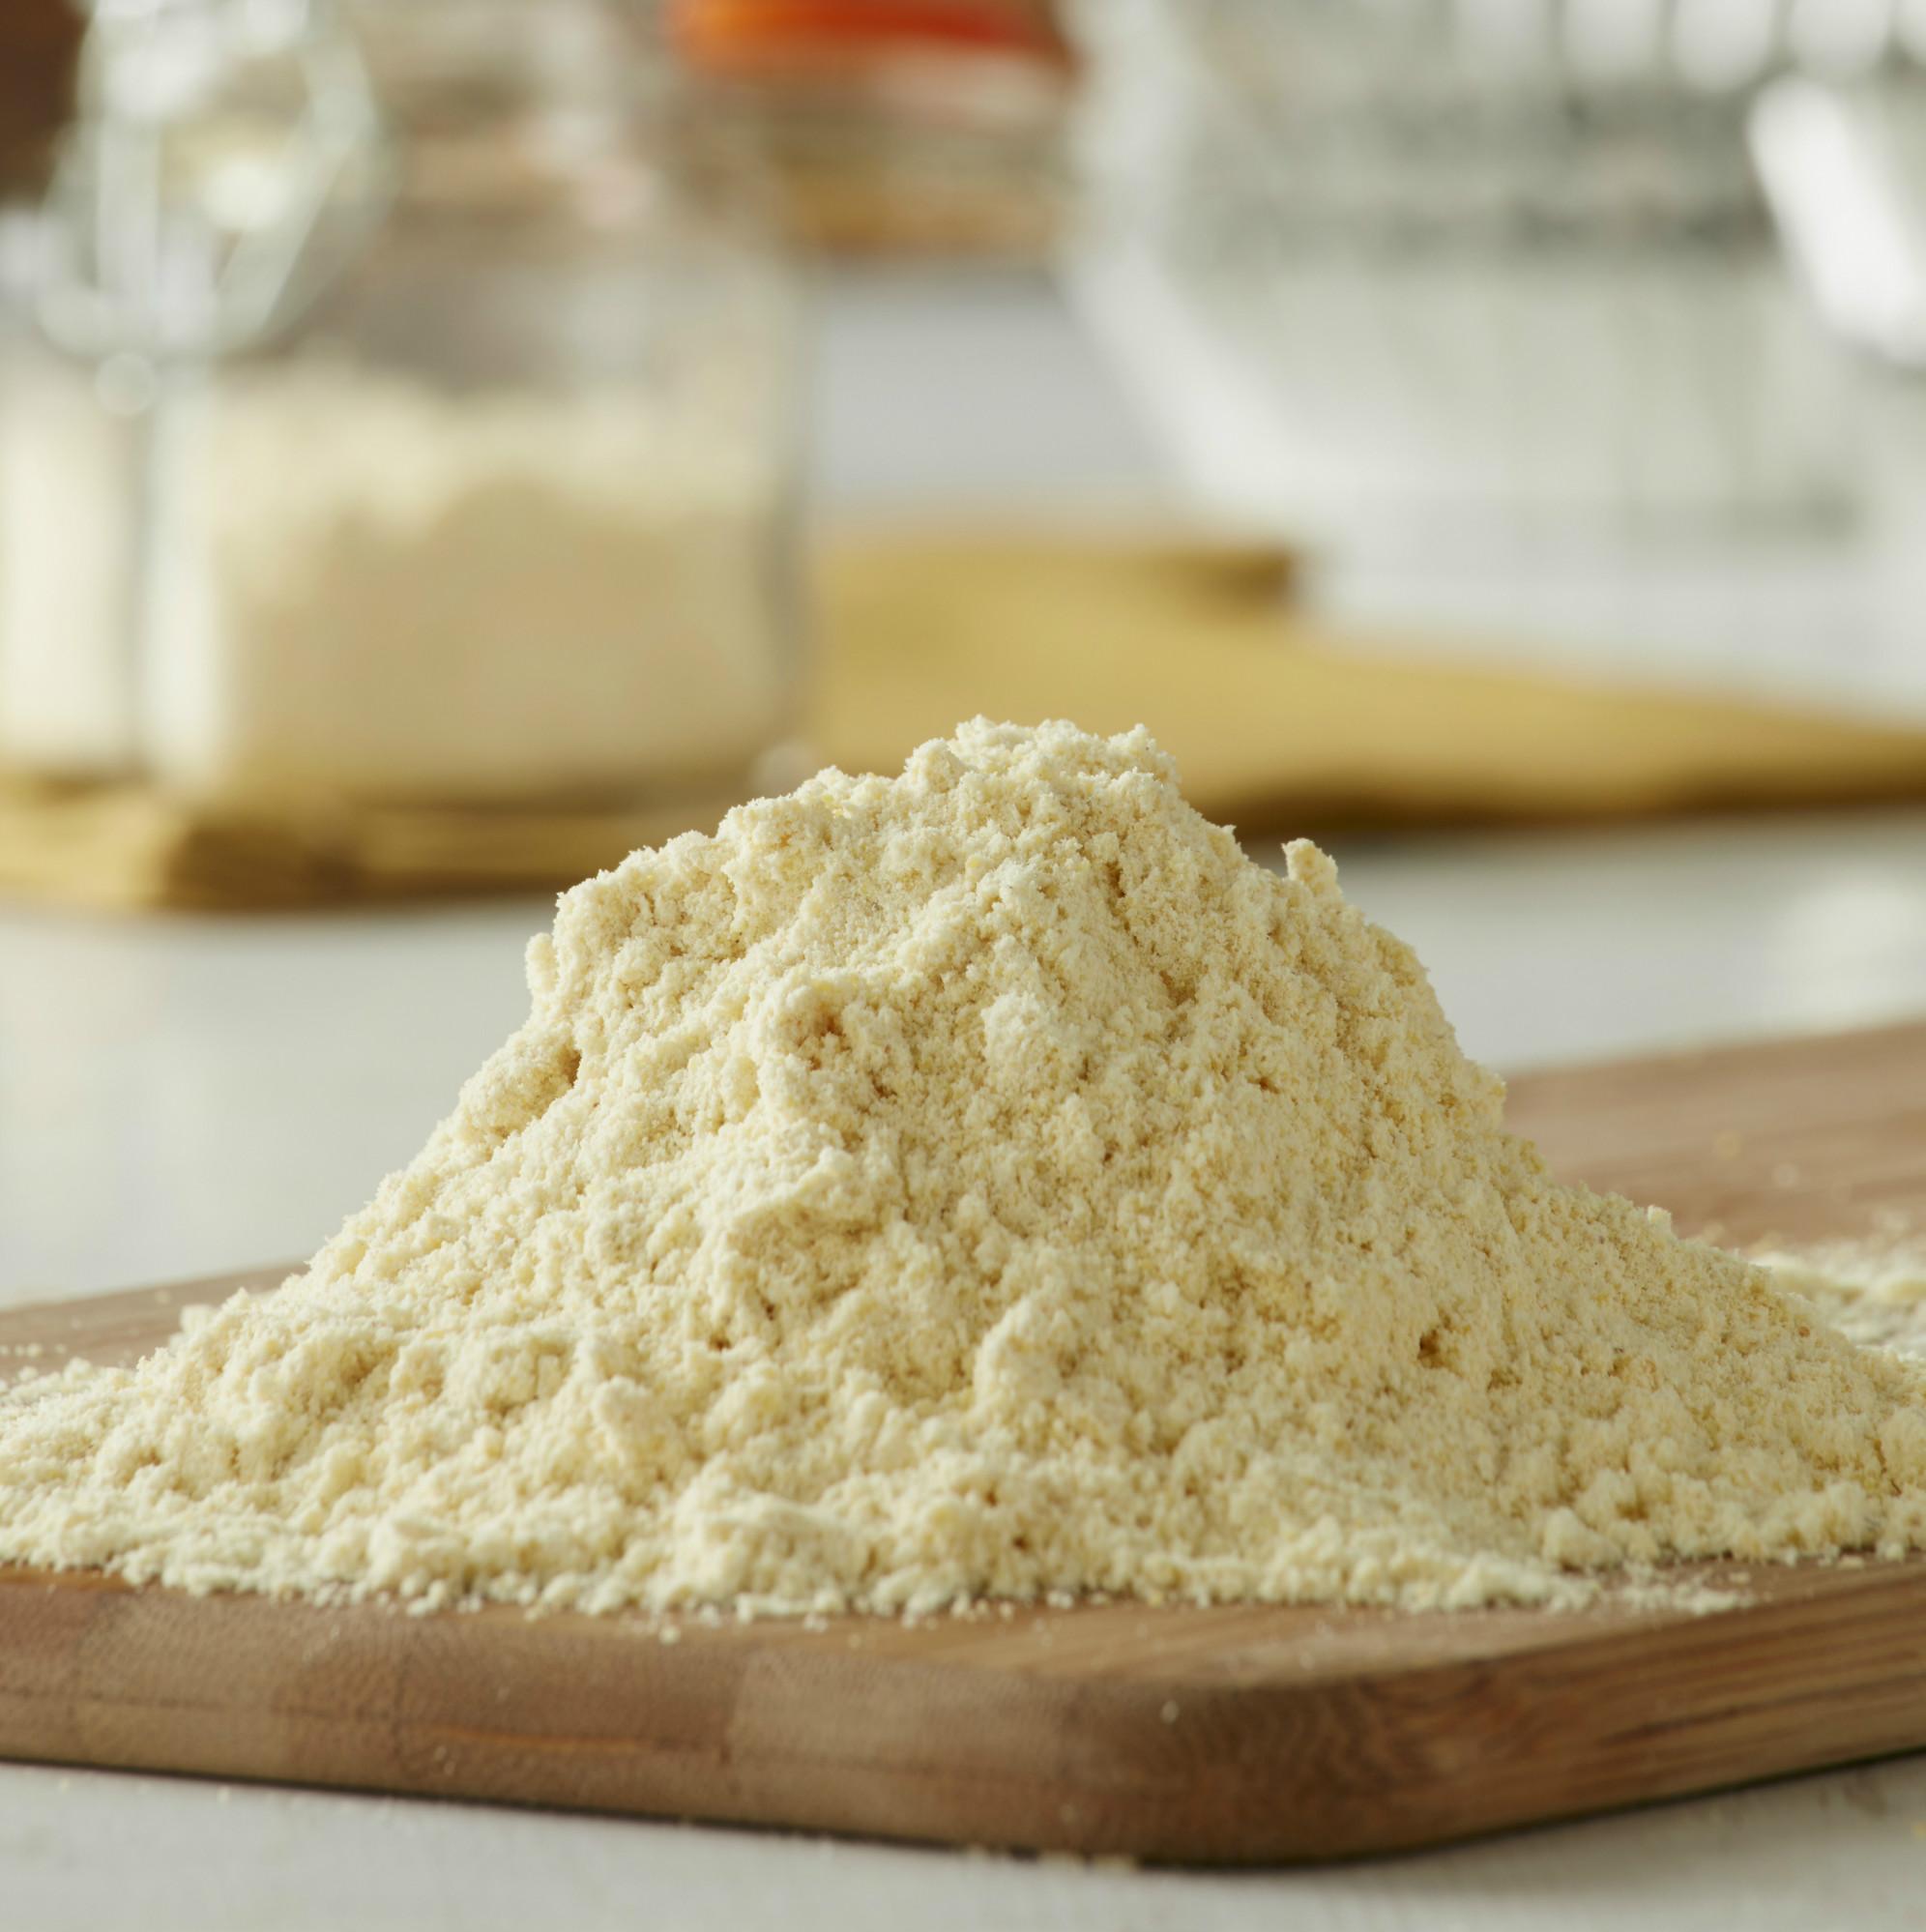 Antójate de la harina de soya